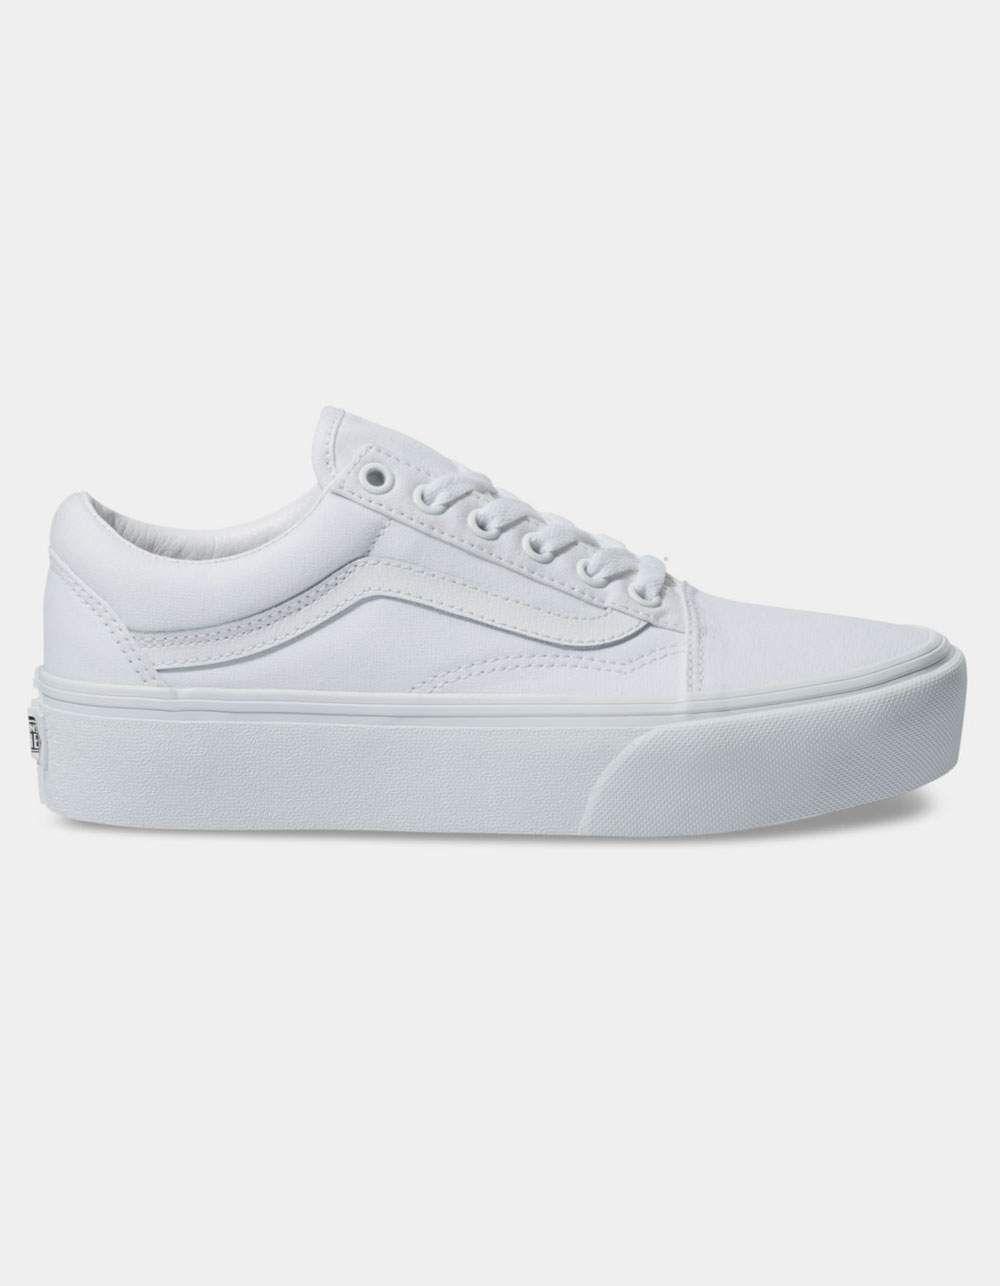 VANS Old Skool Platform True White Shoes in 2020   Vans old